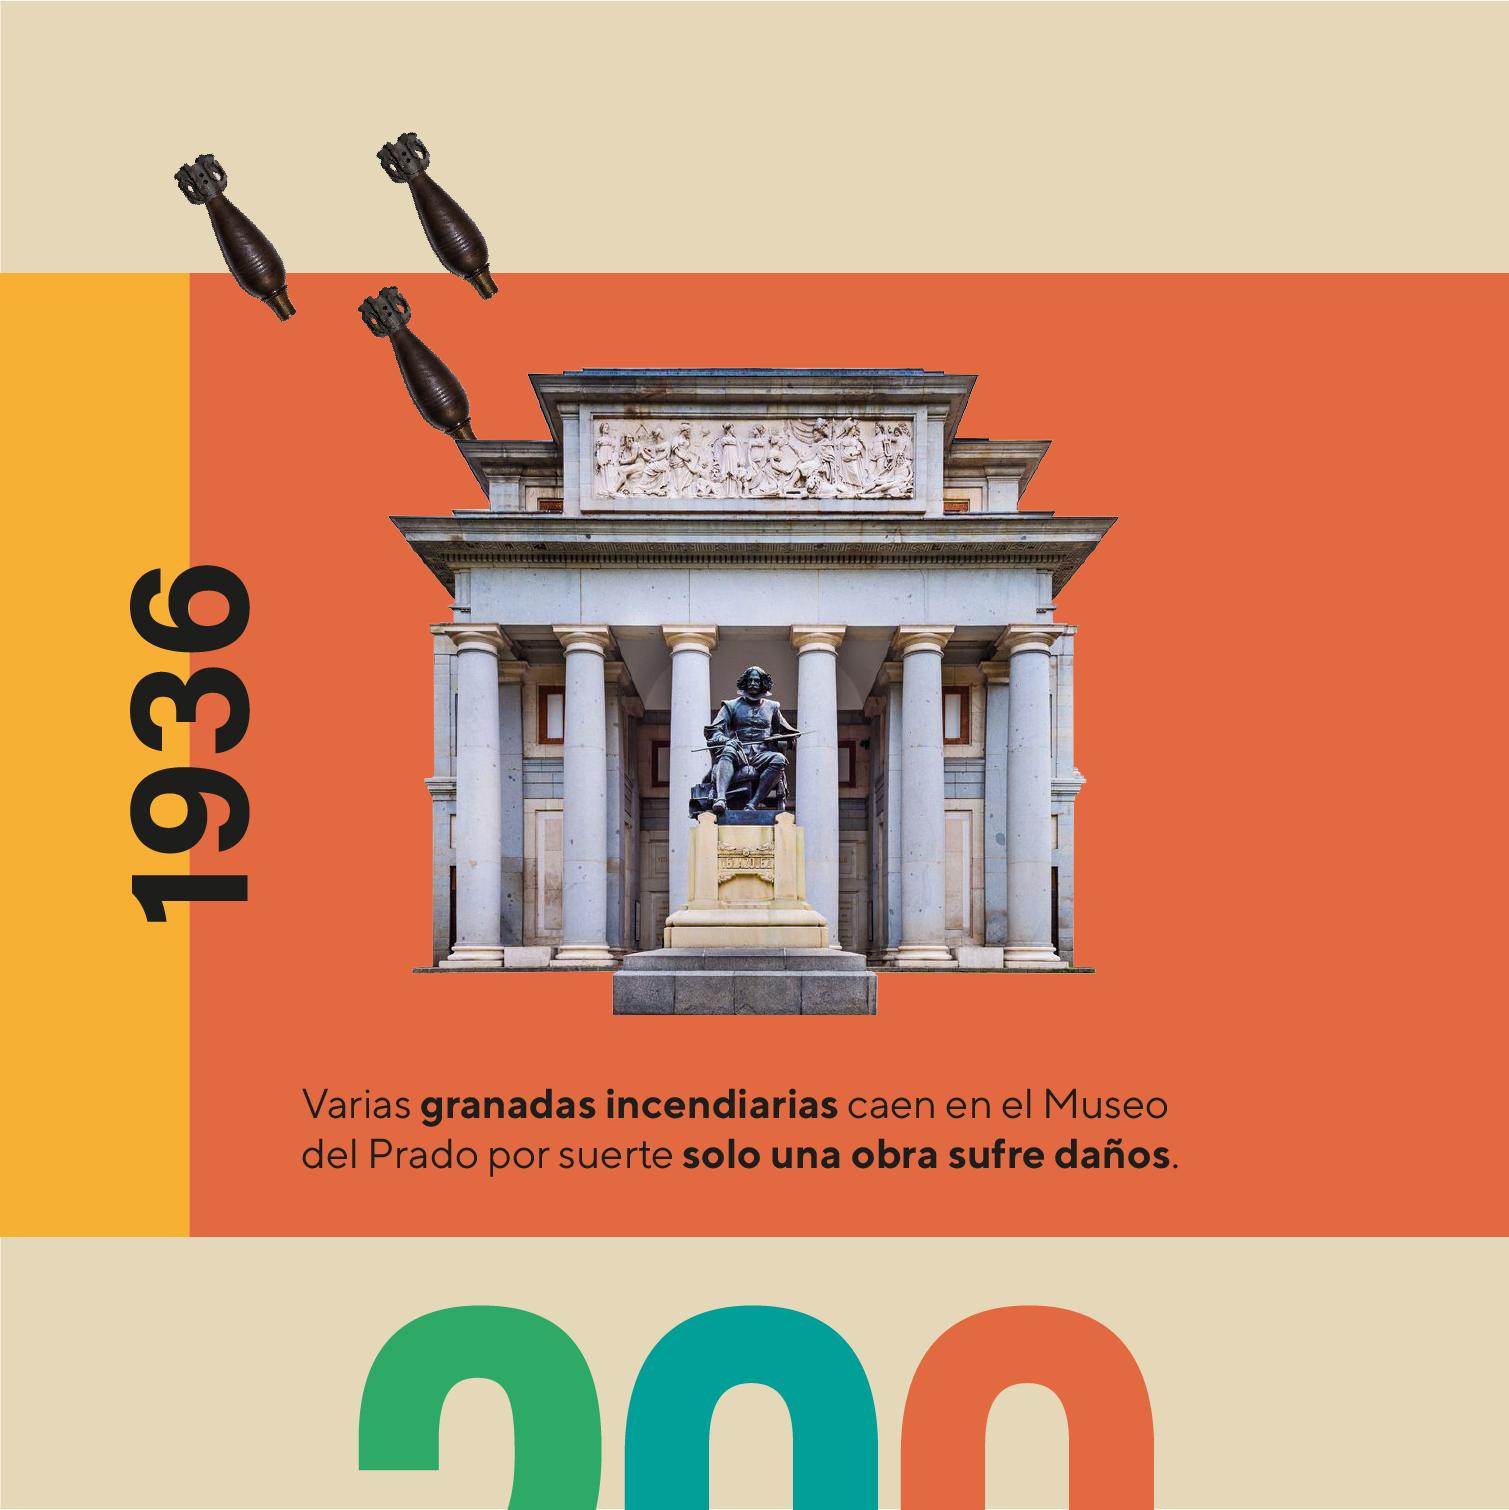 200 años MP - Instagram (3)